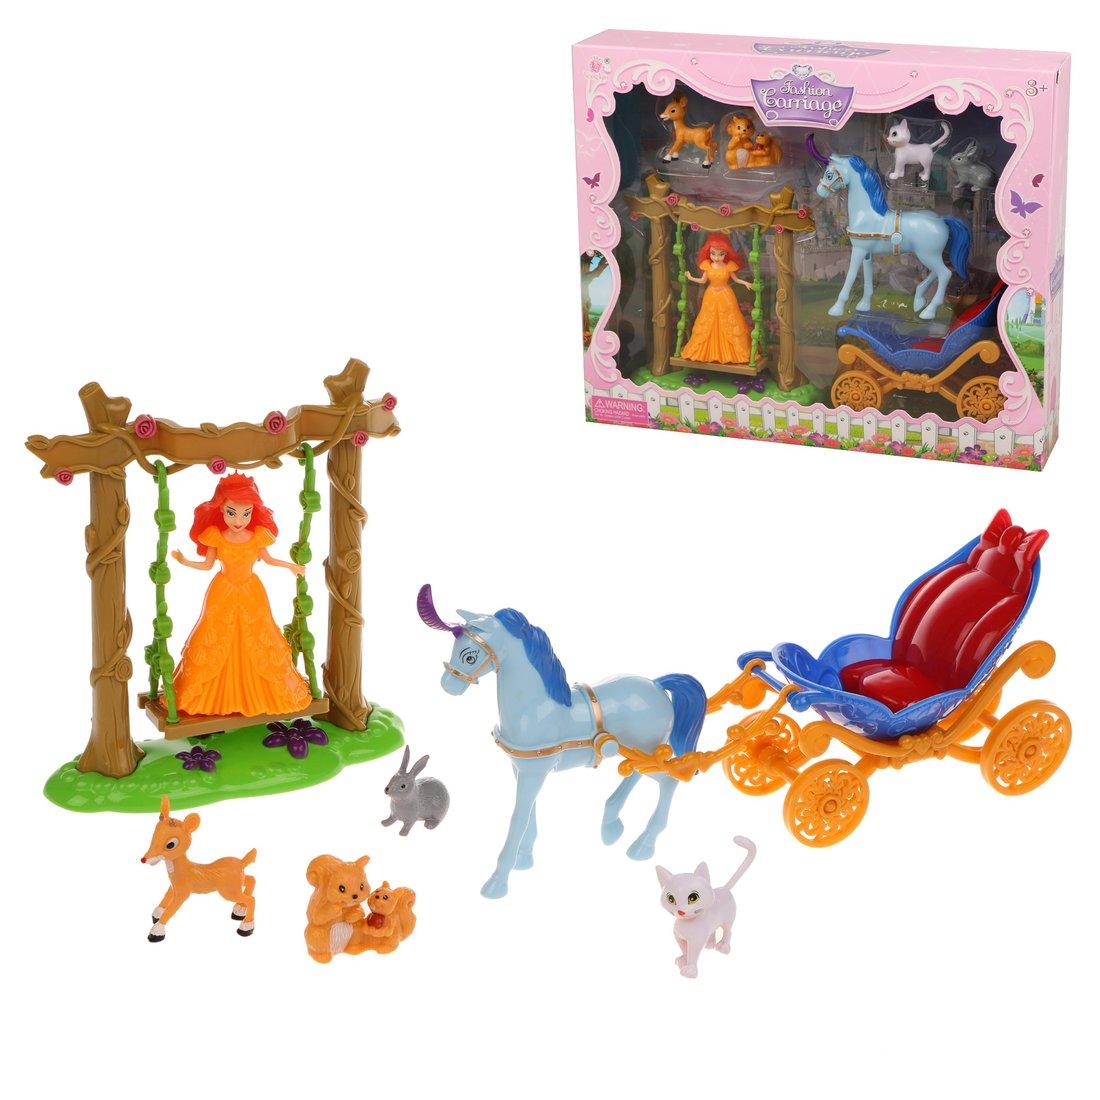 Купить Игровой набор Наша Игрушка Карета с фигурками, 7 предметов SS047A, Наша игрушка,